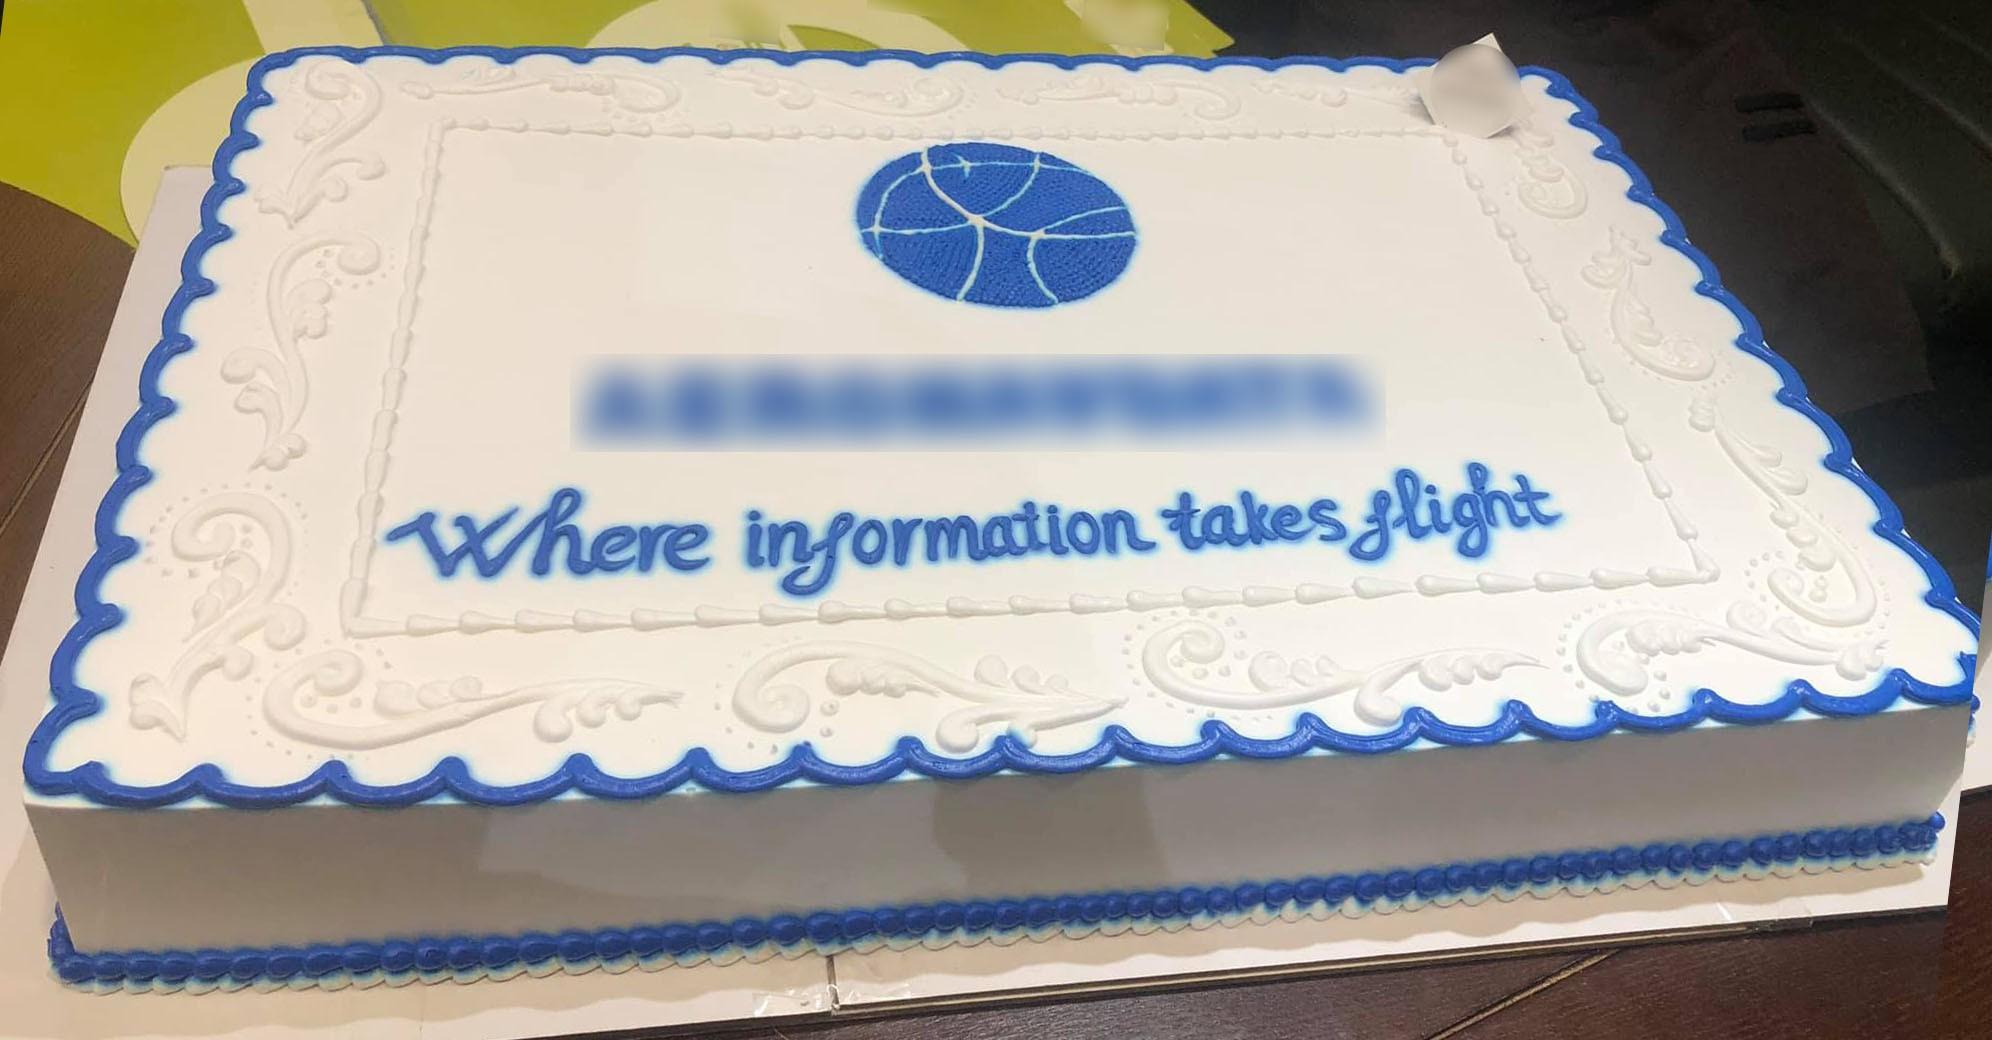 Chi 2 triệu đặt bánh tại cửa hàng nổi tiếng, nào ngờ khách nói một đằng nhân viên làm một nẻo, sai rồi còn đùn đẩy trách nhiệm-5